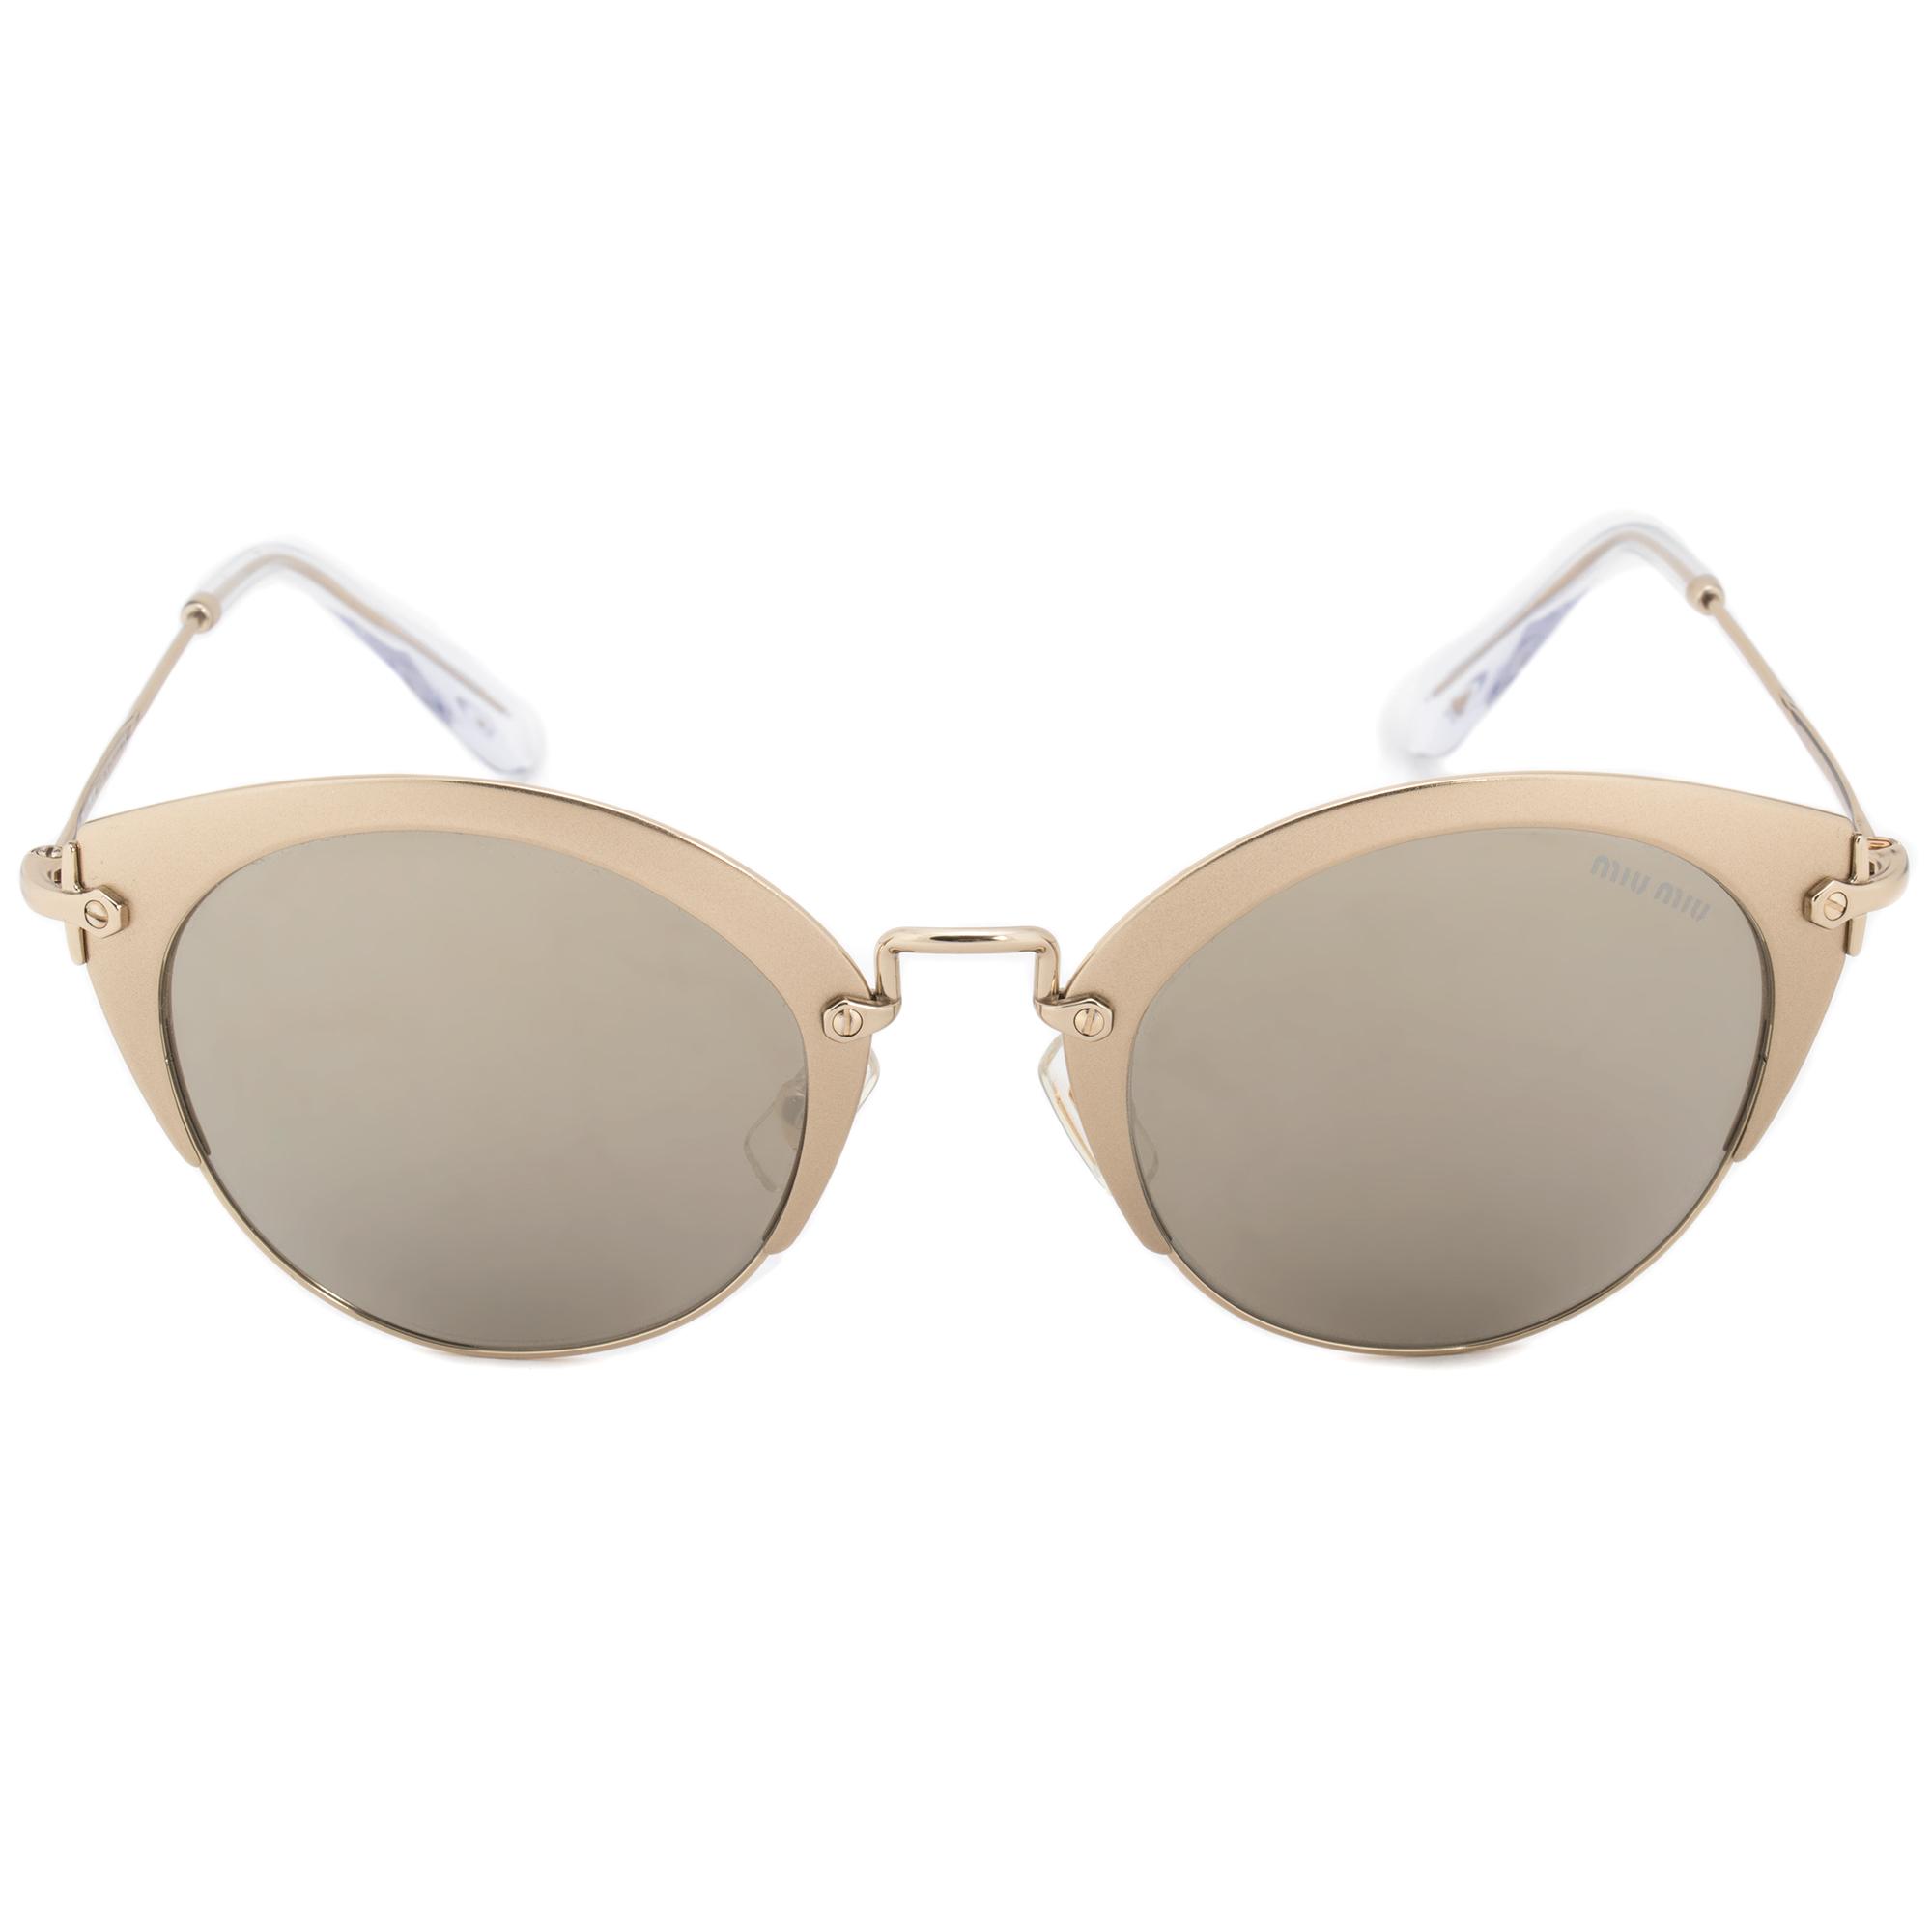 590e70173d1 Miu Miu Cat Eye Sunglasses MU53RS VAF1C0 52 8053672672152